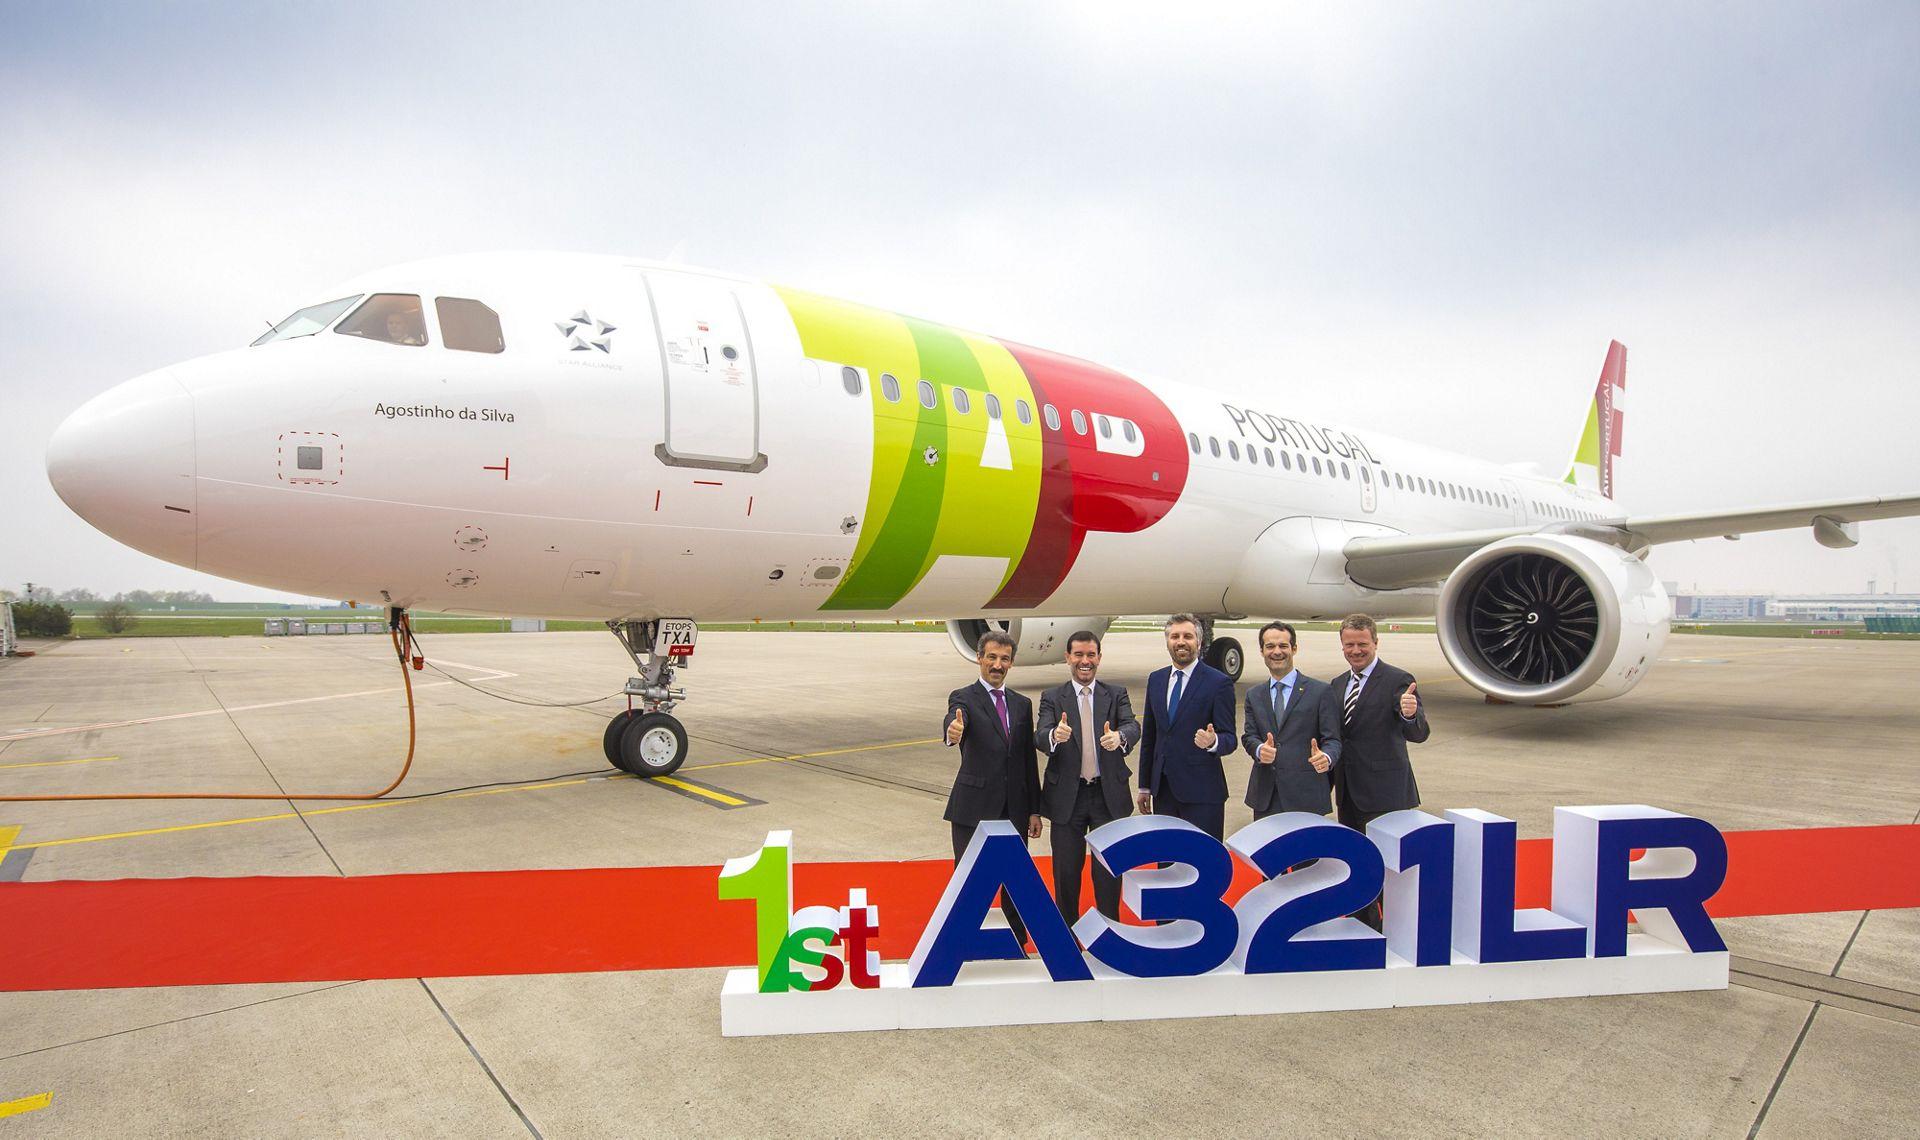 Resultado de imagen para TAP Portugal a321lr